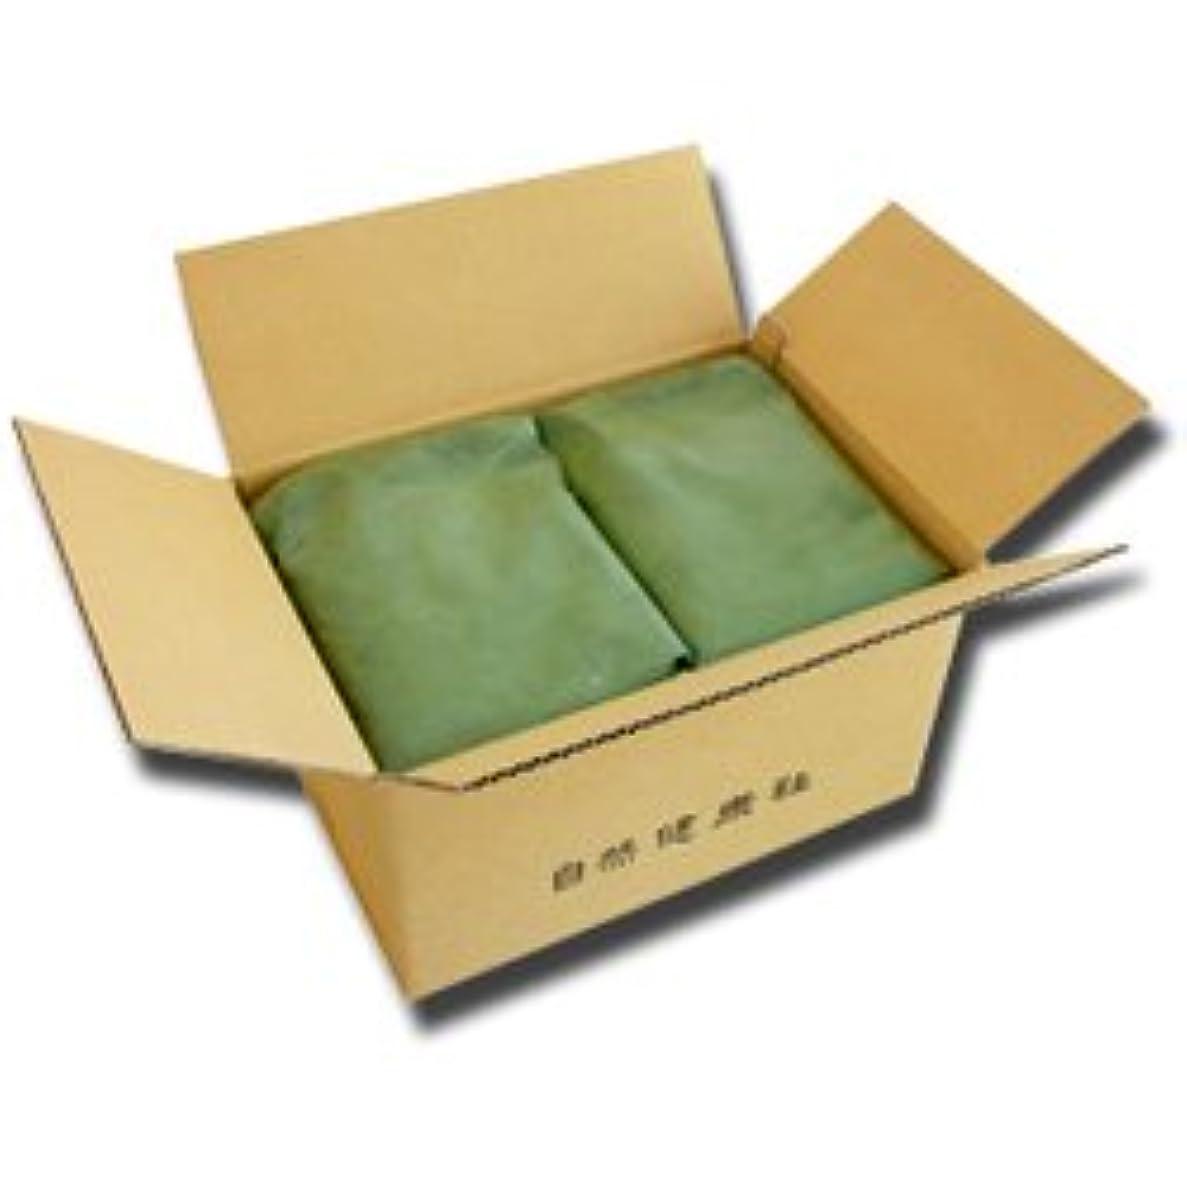 先例タイマーナイロン業務用 国産?カテキン抹茶(カテキン10%以上含有) 5kg×2 卸用 粉末